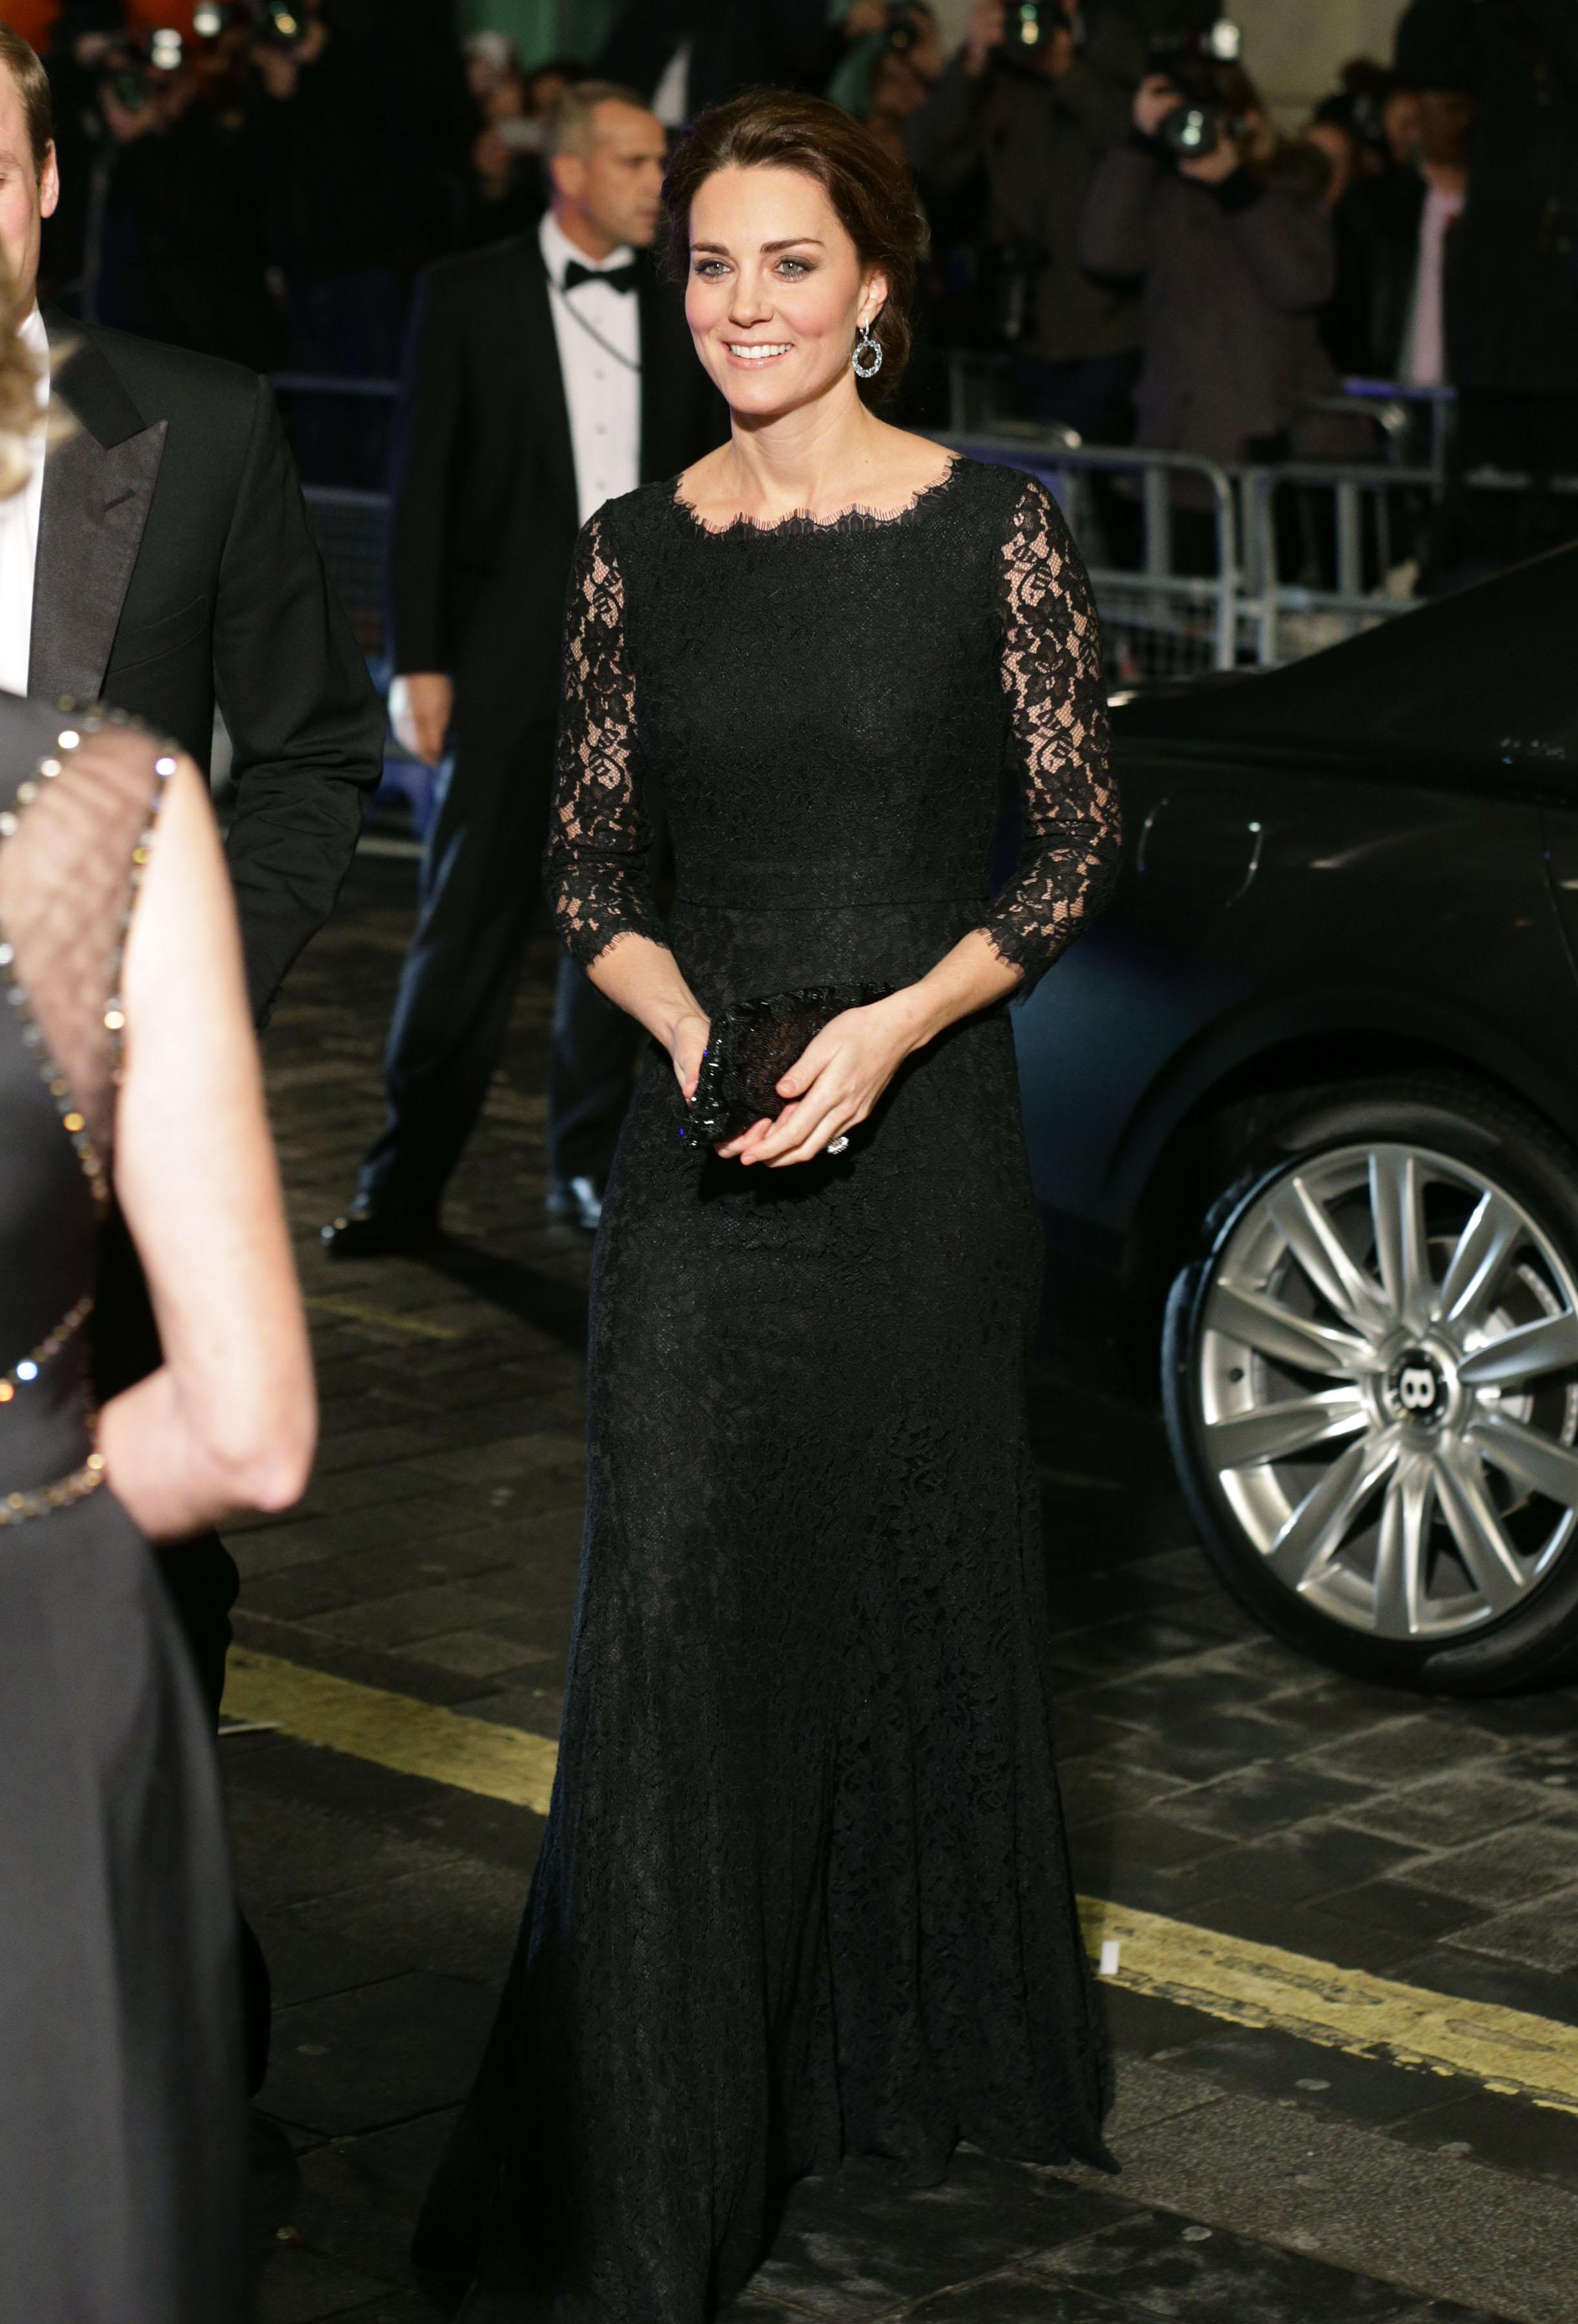 Кейт Мидълтън бе облечена за кралско събитие с тази черна дантелена рокля през 2014 г.